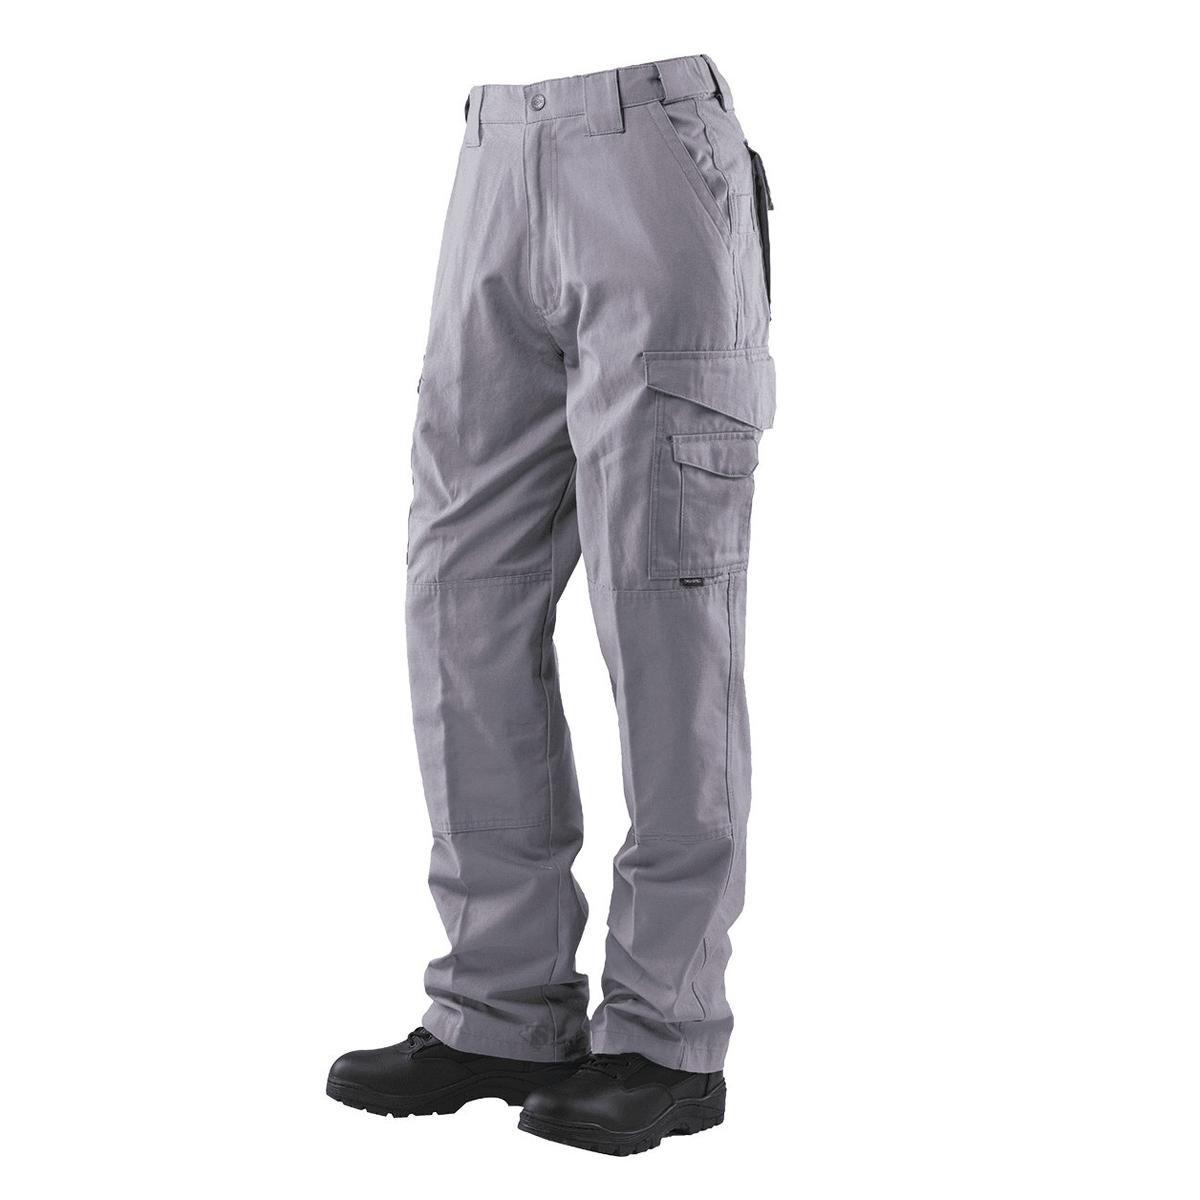 Tru-Spec 1089 Mens 24-7 Lightweight Tactical Pants, Light Grey, Size 28xU